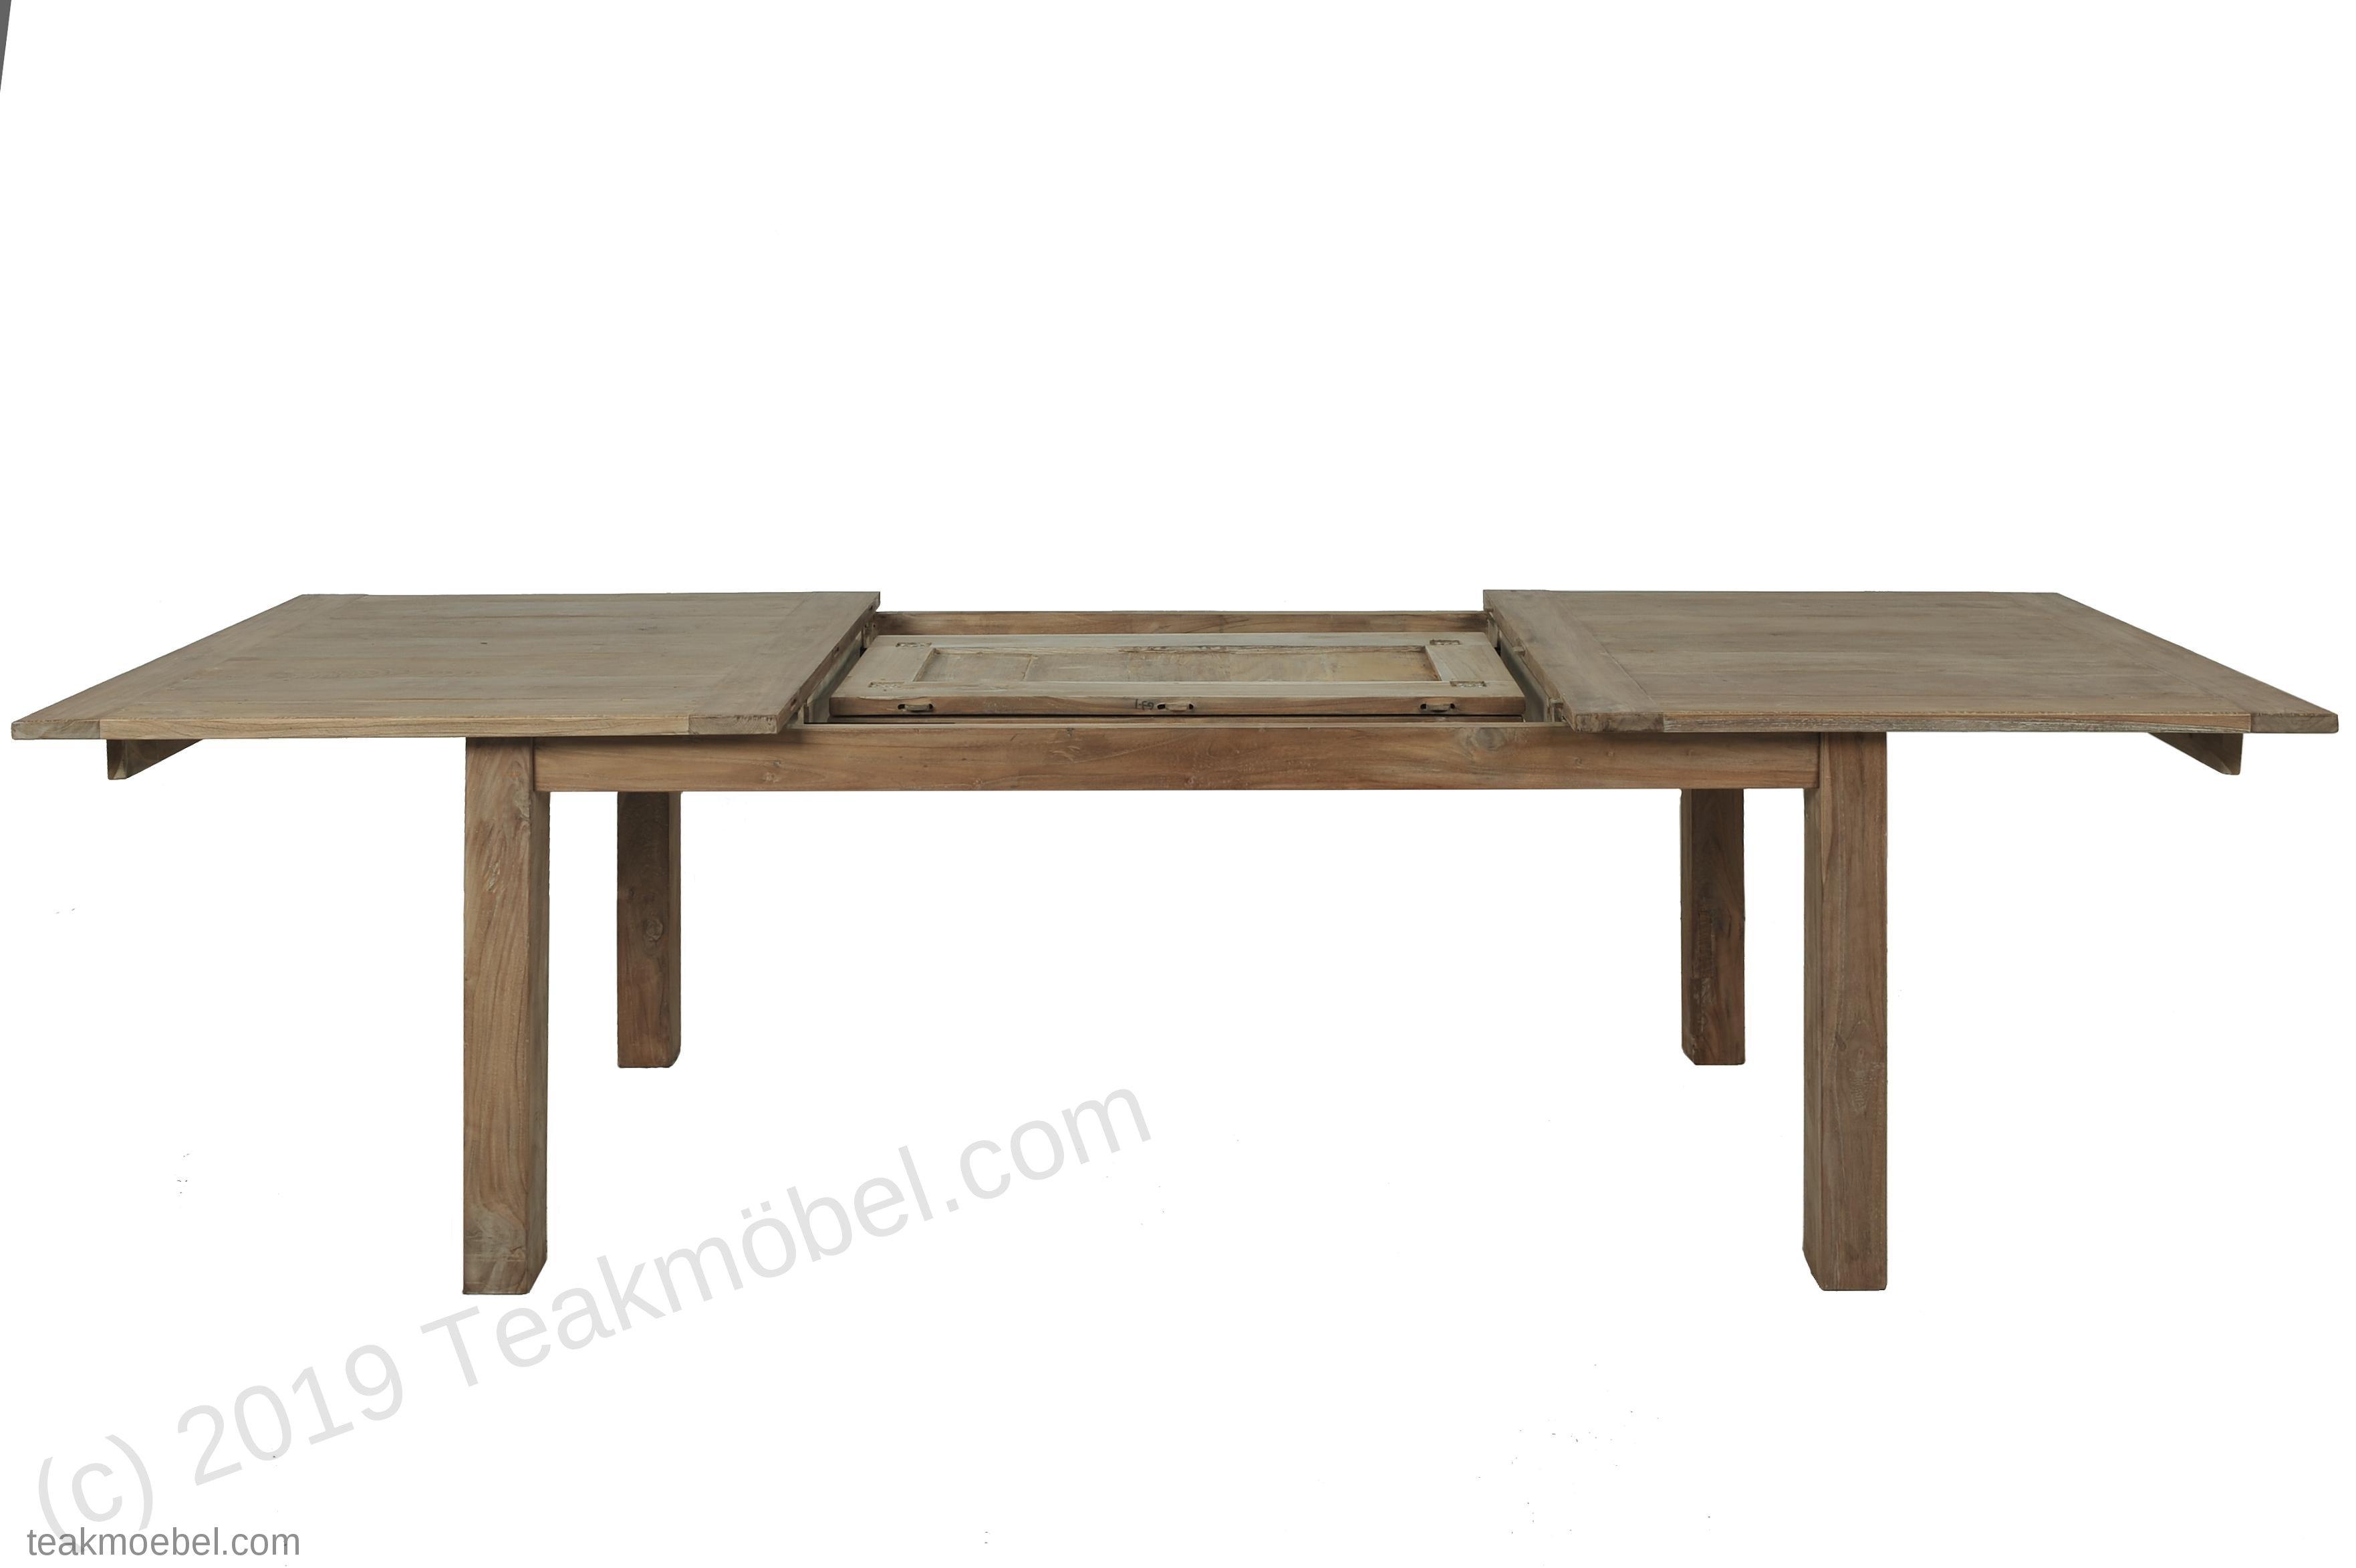 teakholz tisch ausziehbar 250 300 350x100 teakm. Black Bedroom Furniture Sets. Home Design Ideas